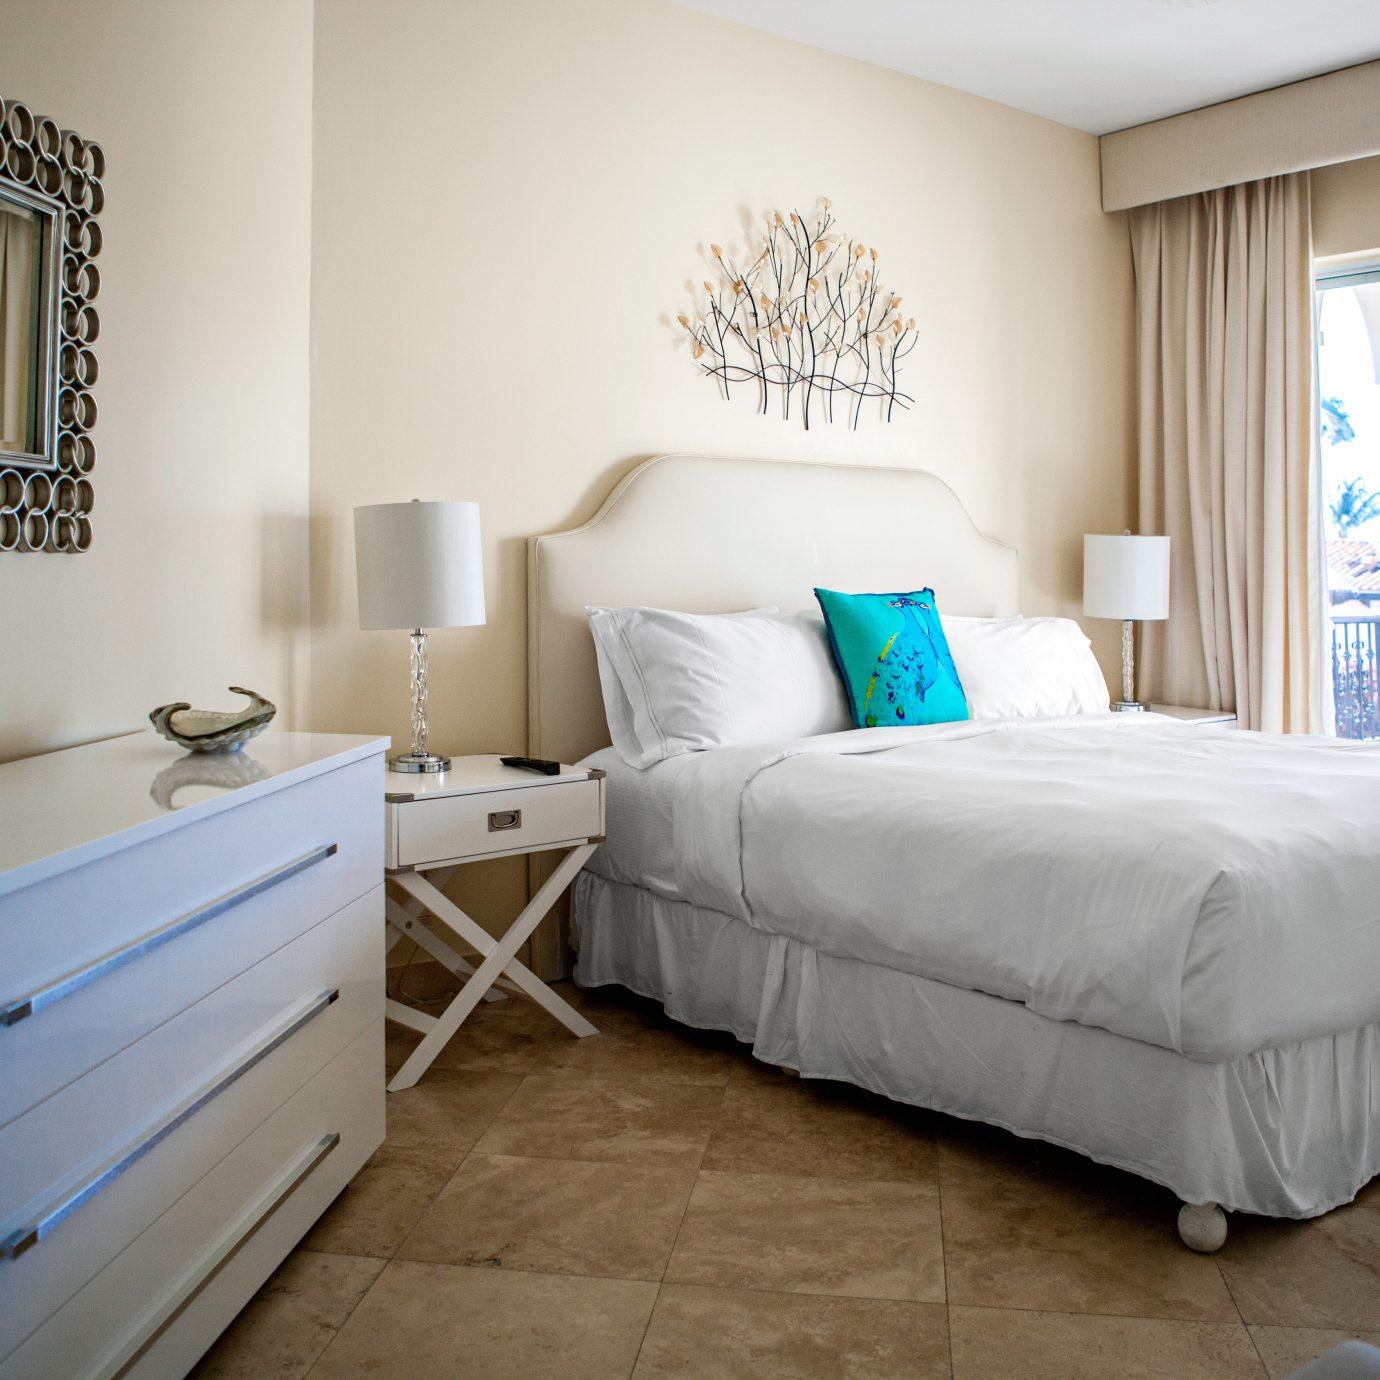 Bedroom Modern Suite property living room home bed frame bed sheet cottage